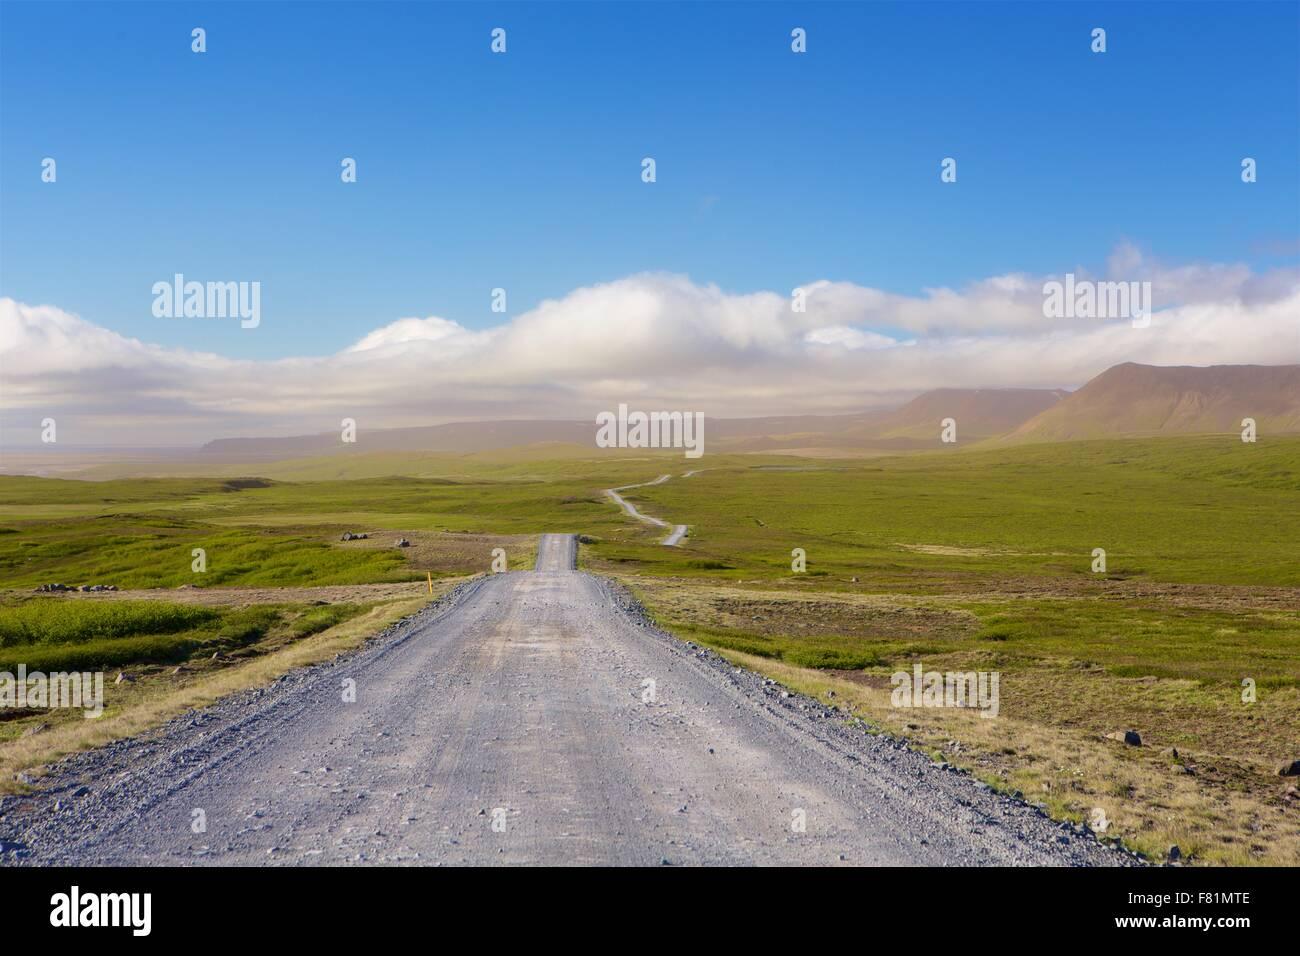 Largo, abierto, vaciar carreteras en Islandia. El lugar perfecto para un viaje por carretera. Imagen De Stock